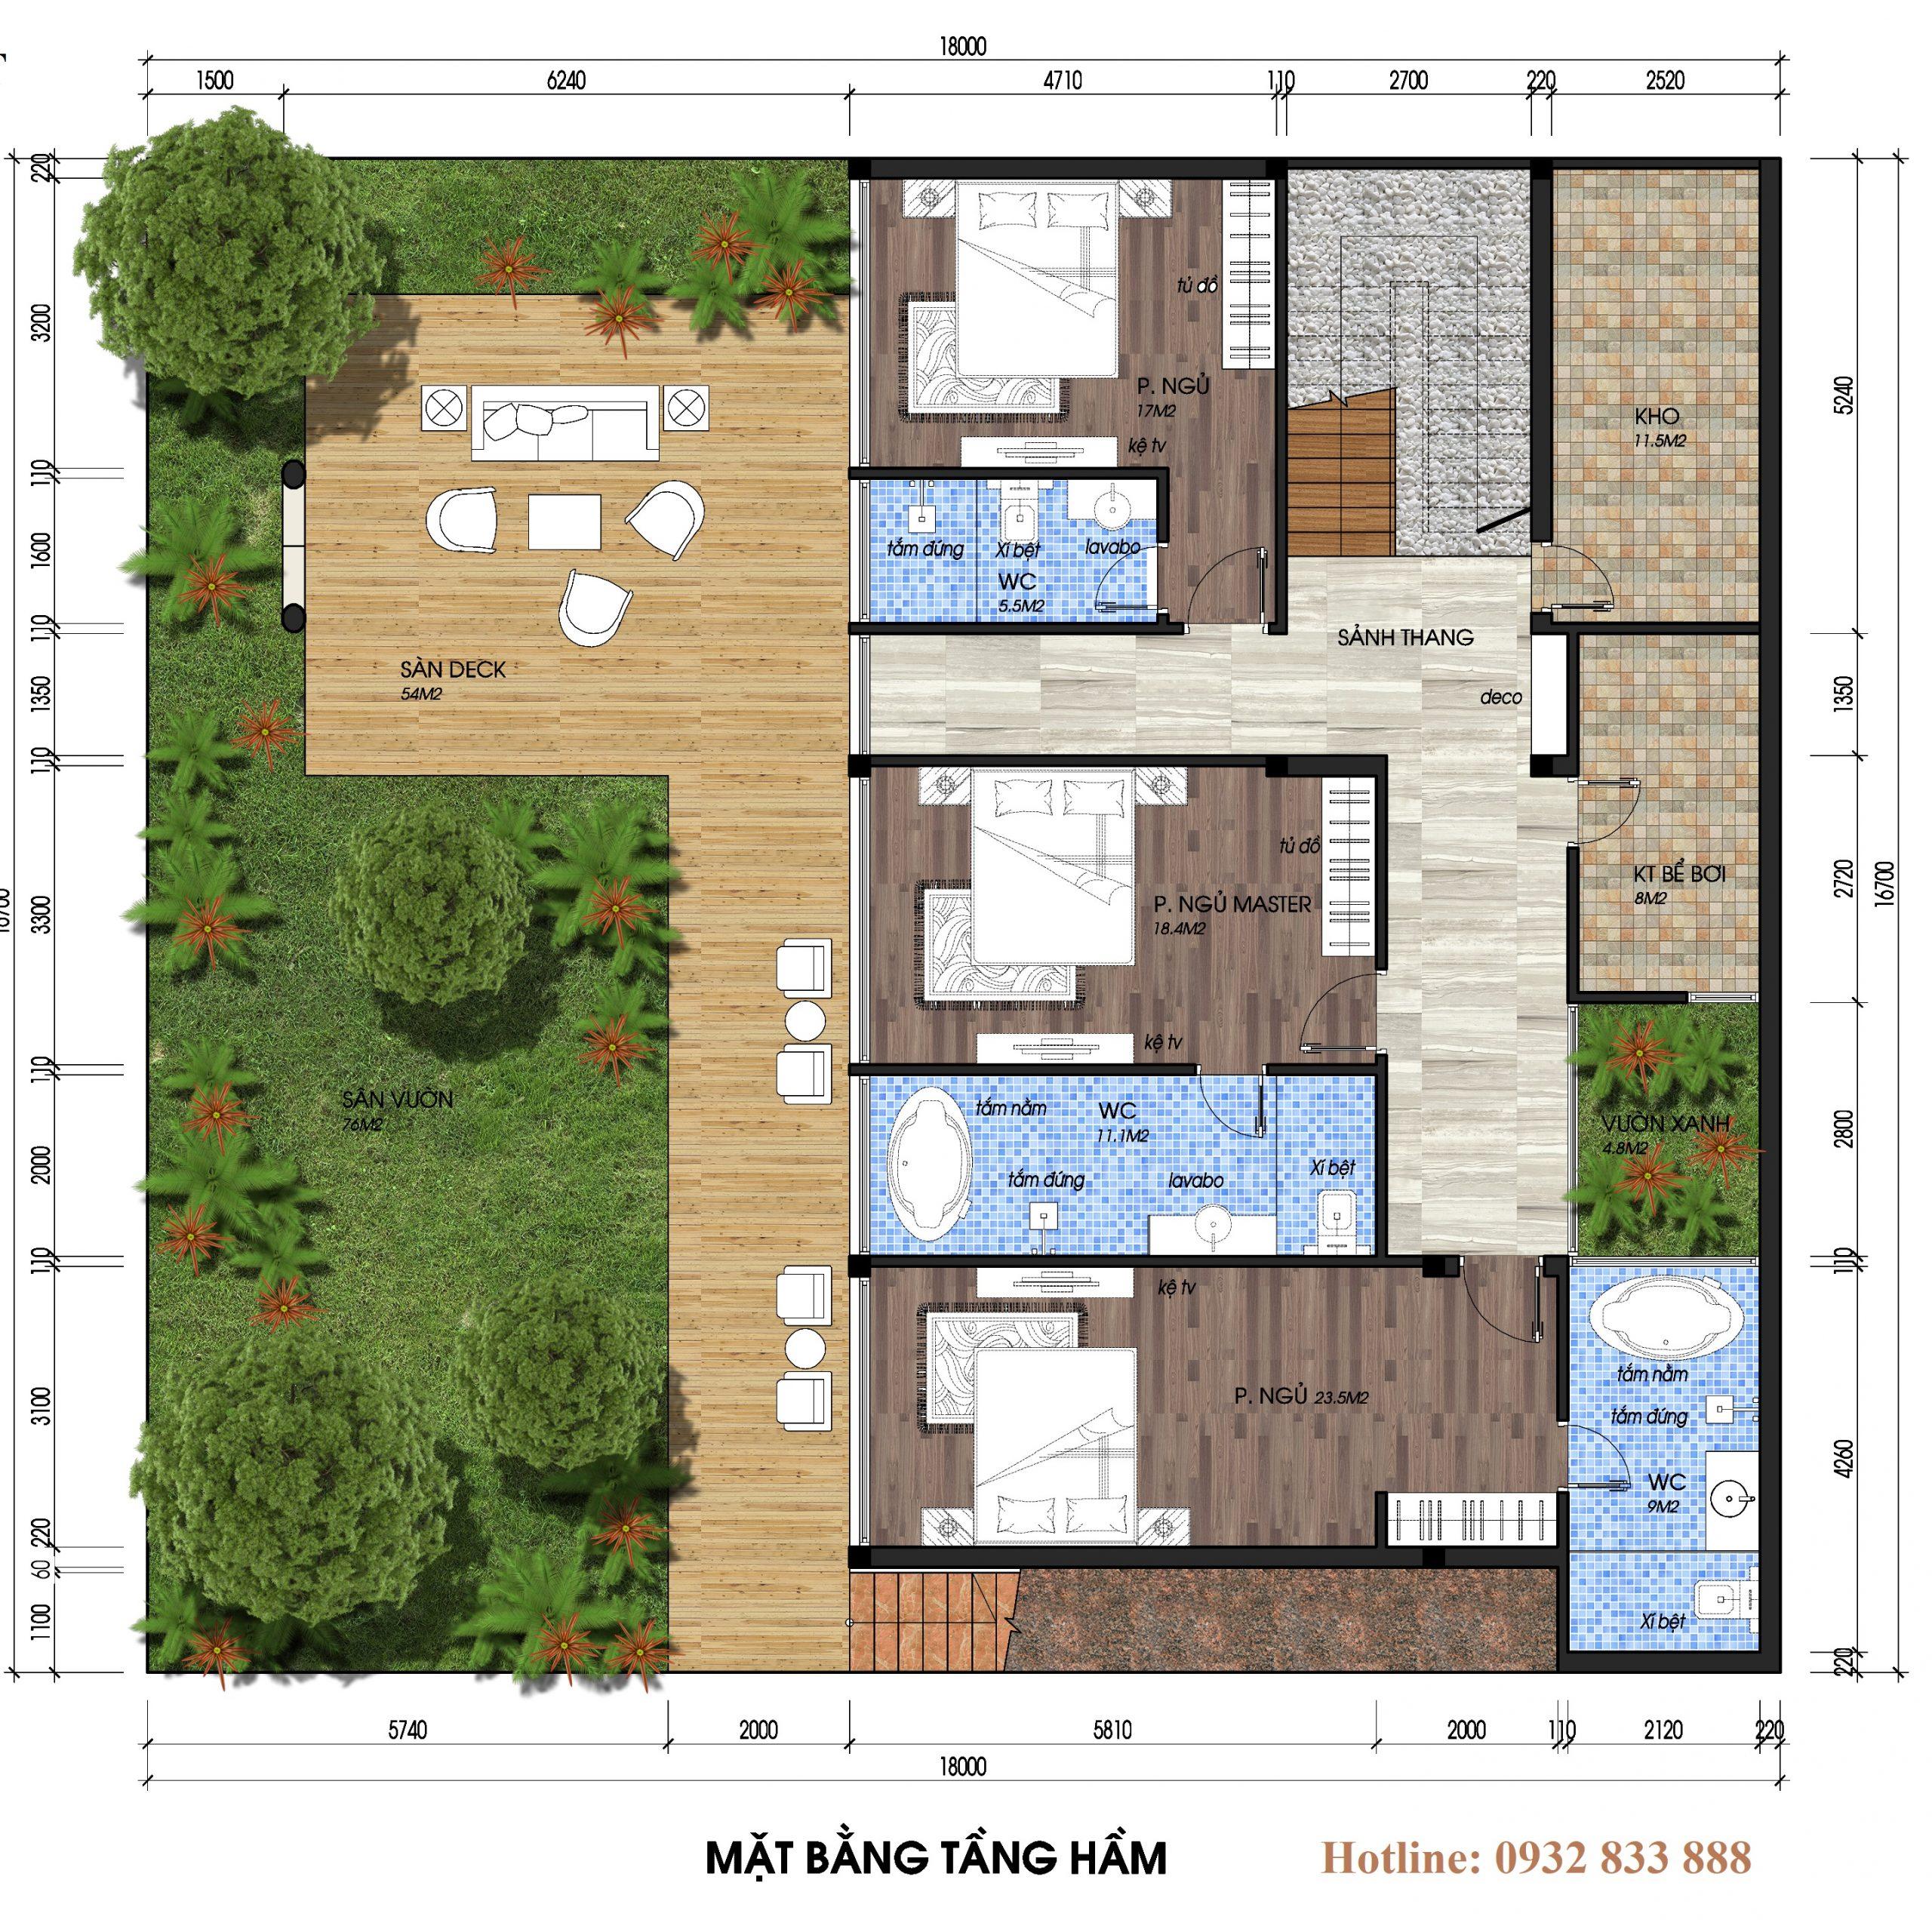 Thiết kế tầng 1 biệt thự đơn lập the legend villas flamingo đại lải